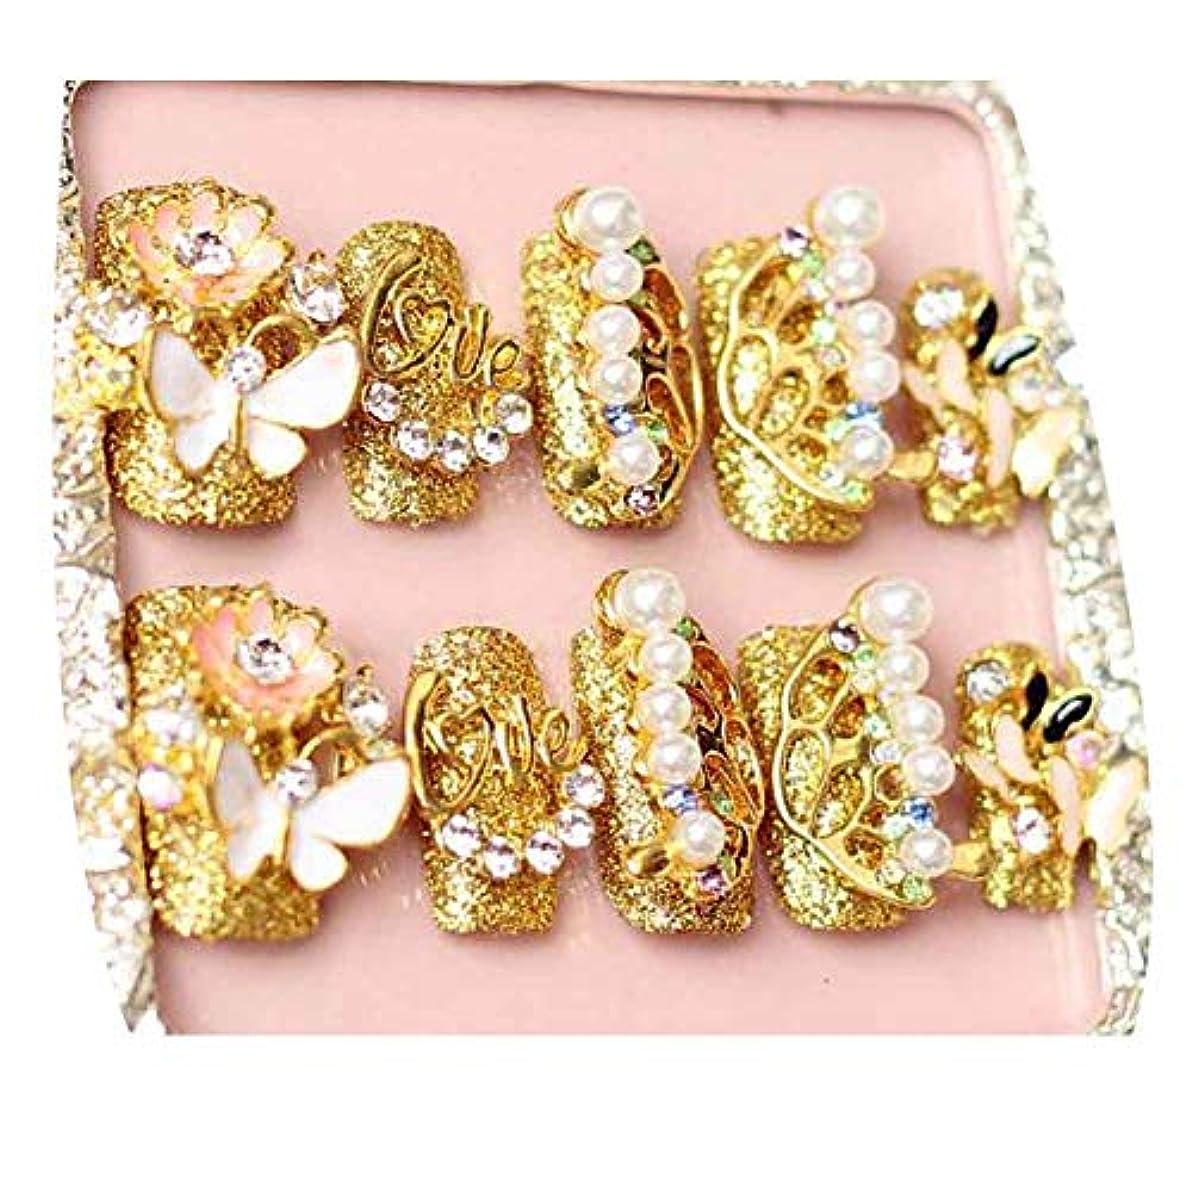 寝る市の花マオリ蝶 - ゴールドカラー偽爪結婚式人工爪のヒントビーズネイルアート